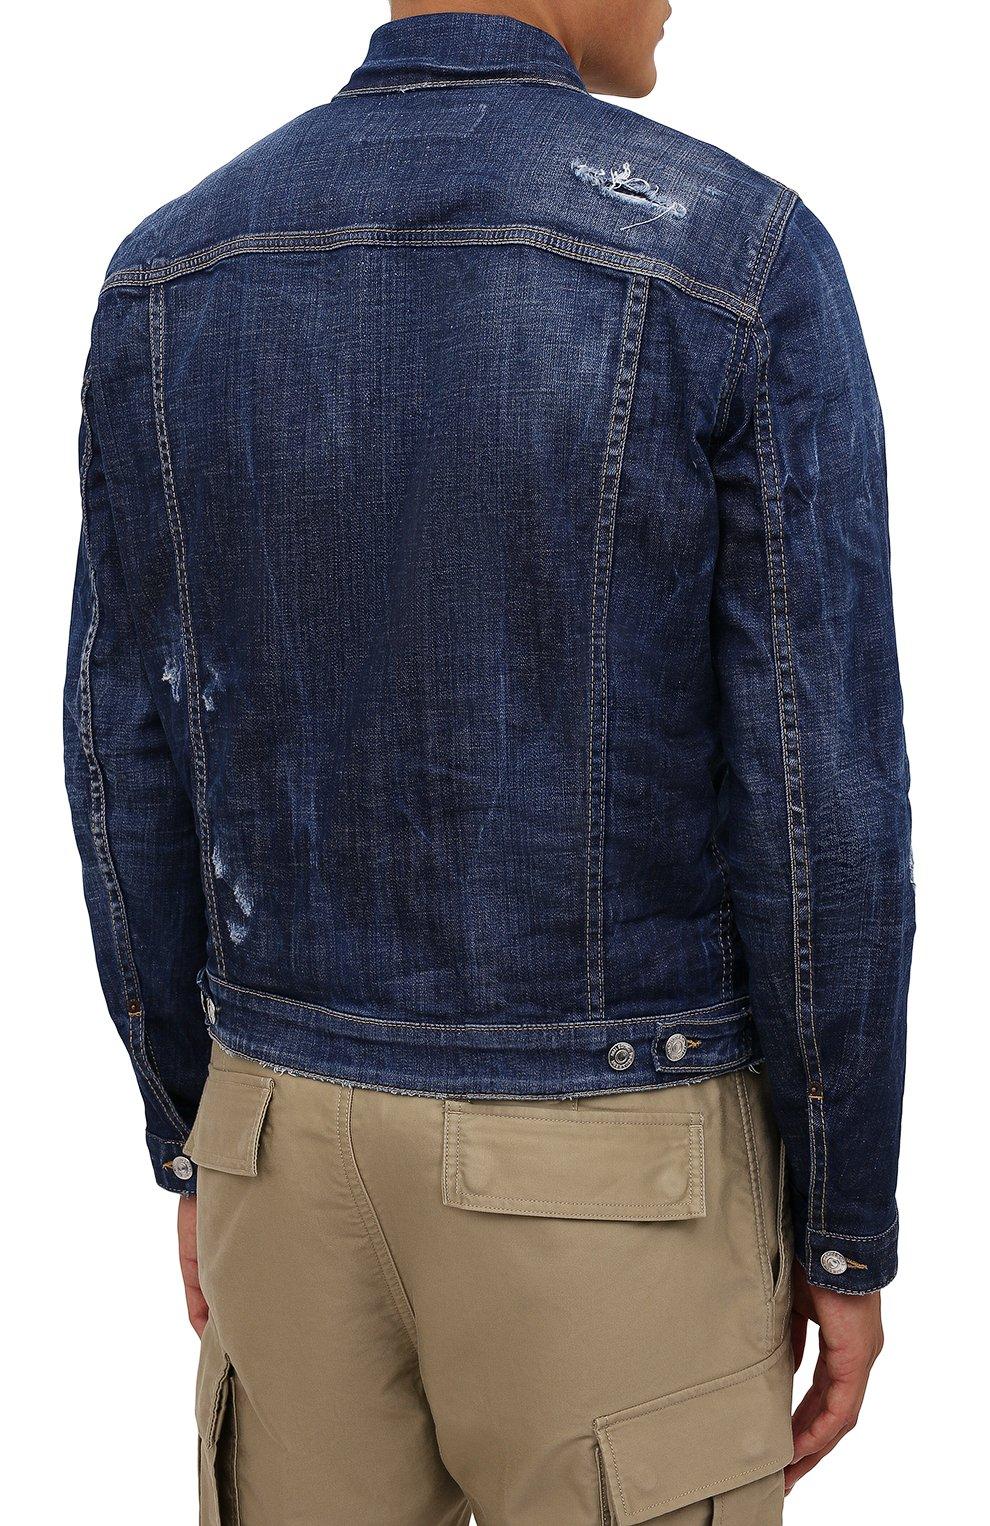 Мужская джинсовая куртка DSQUARED2 синего цвета, арт. S79AM0024/S30342   Фото 4 (Кросс-КТ: Куртка, Деним; Рукава: Длинные; Стили: Гранж; Материал внешний: Хлопок; Длина (верхняя одежда): Короткие)